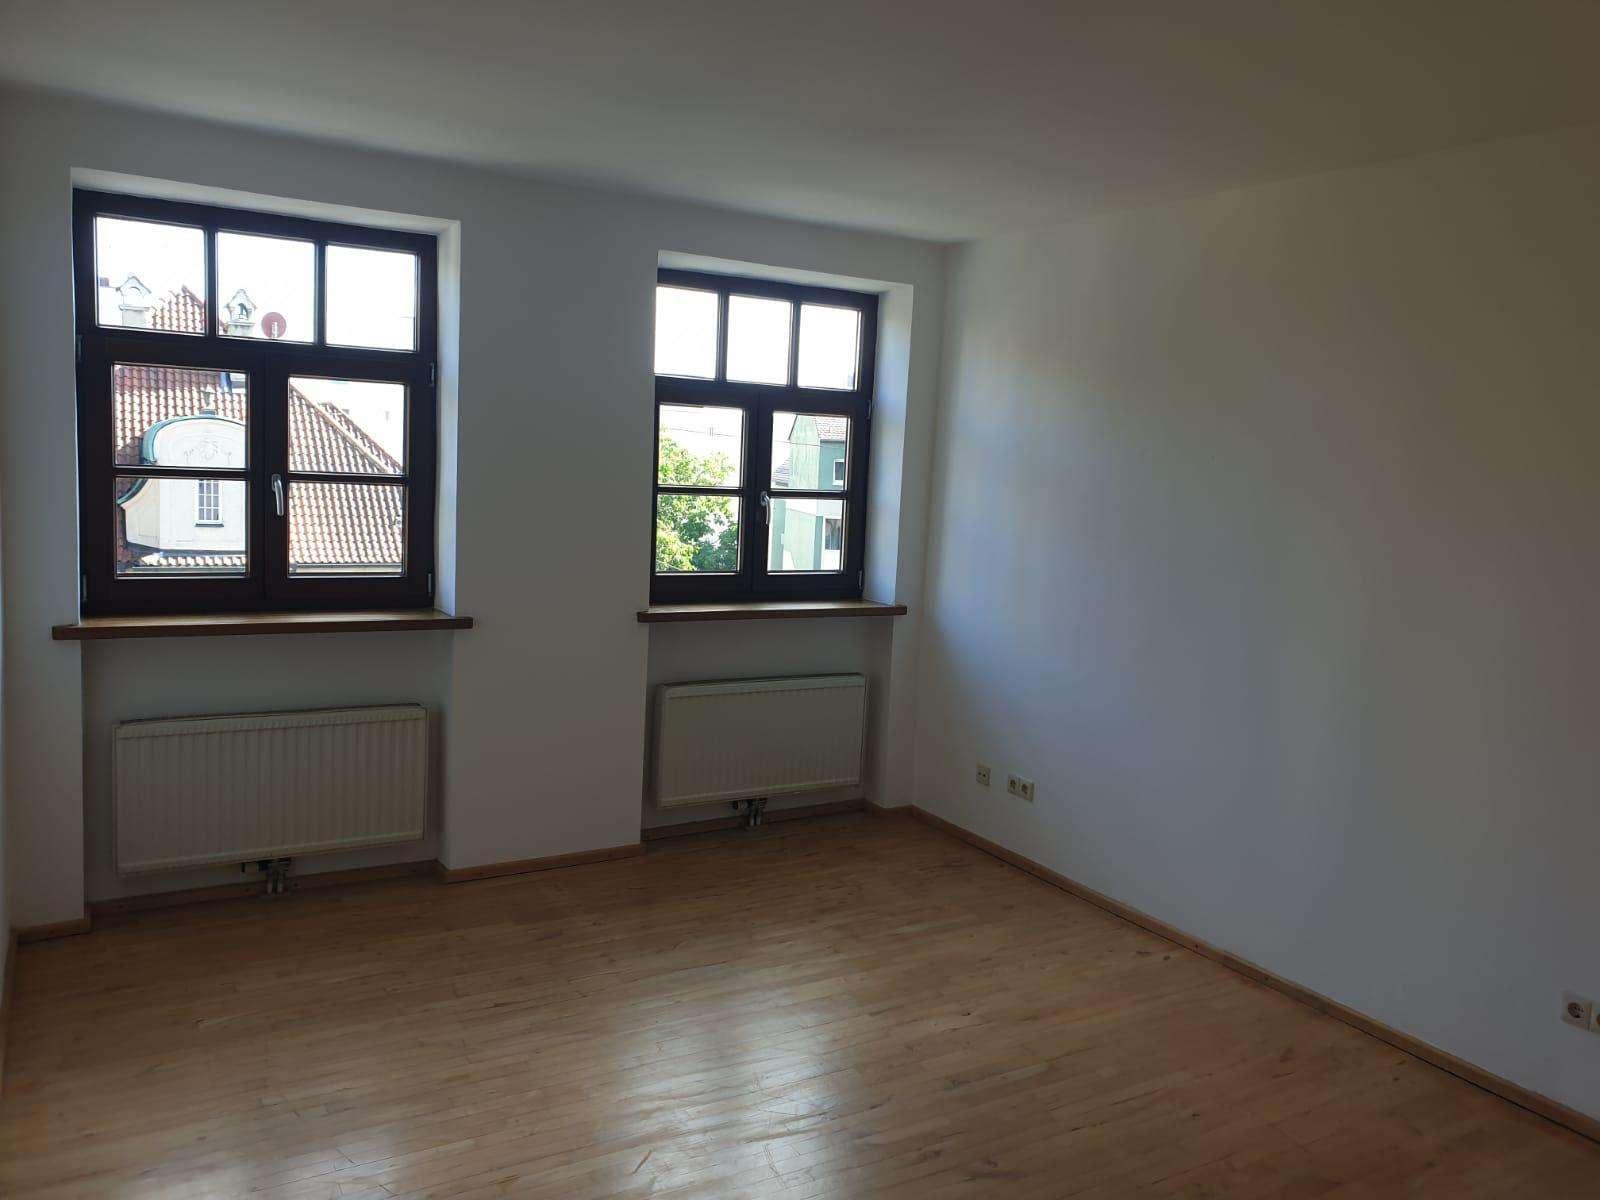 Freundliche 2-Zimmer-Wohnung mit Einbauküche in Augsburg in